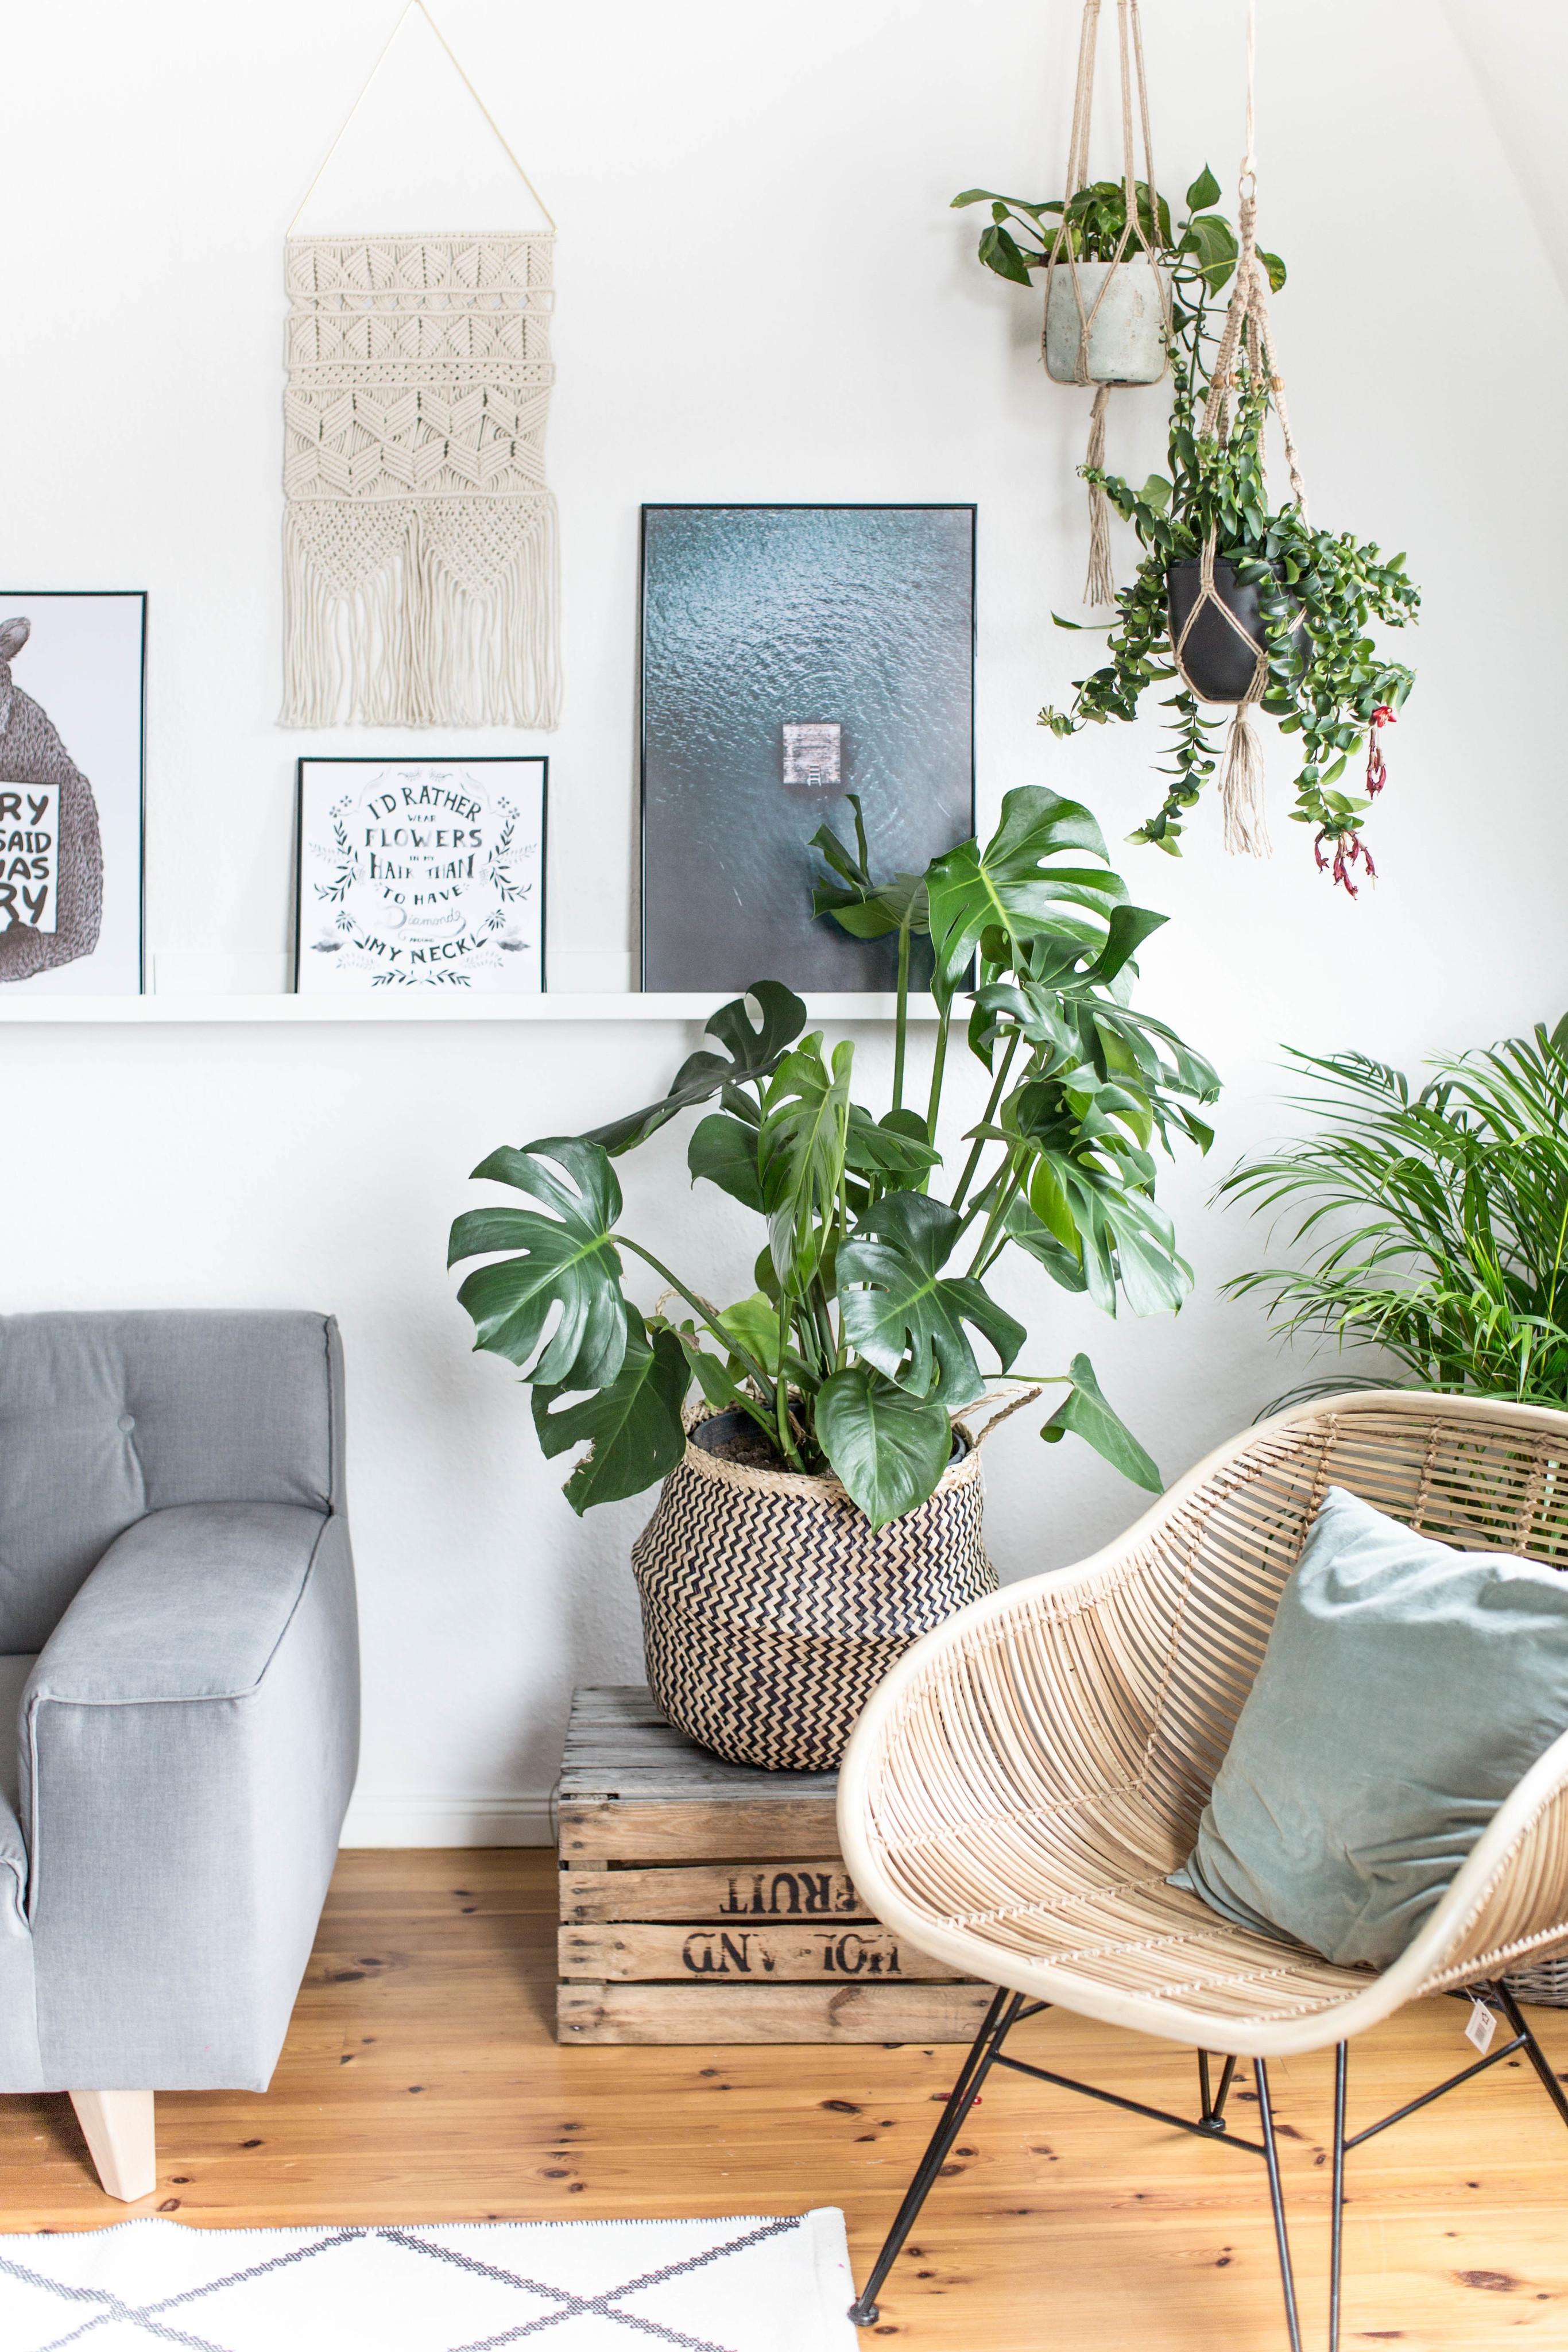 Erstaunlich Wohnzimmer Gemütlich Foto Von Das Ist Meine Neue Lieblingsecke In Meinem